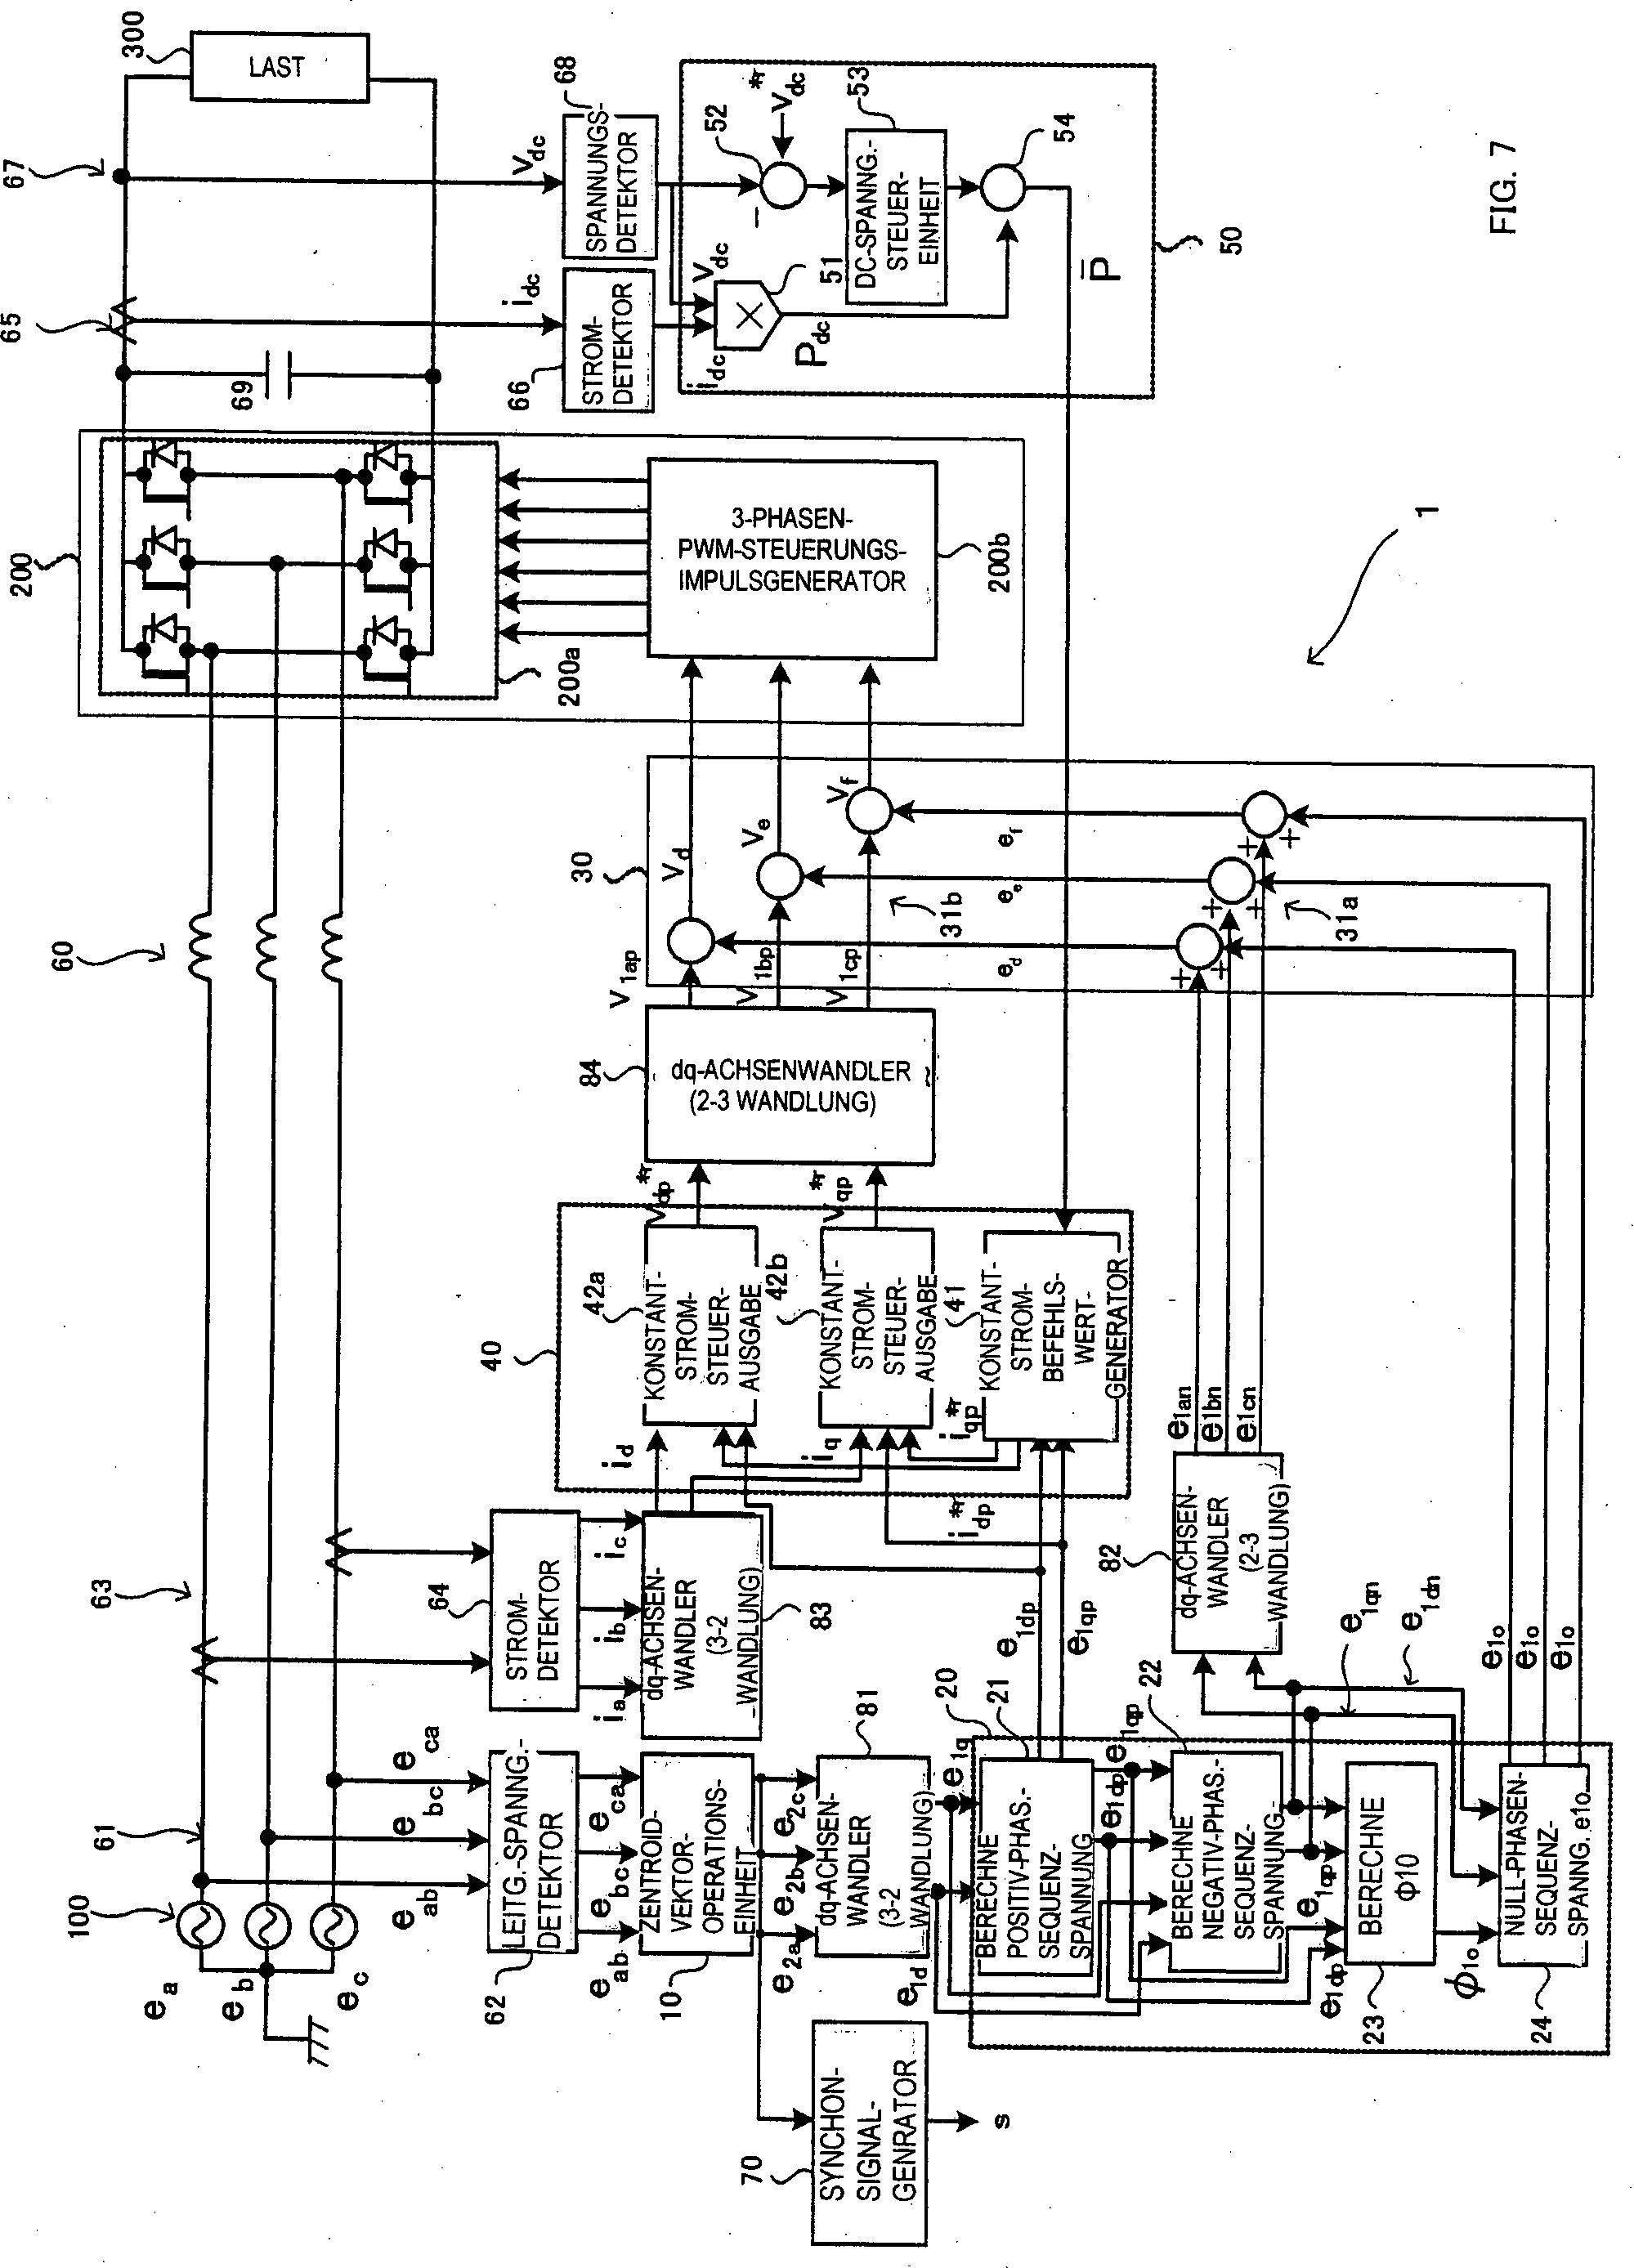 patent de102010053638a1